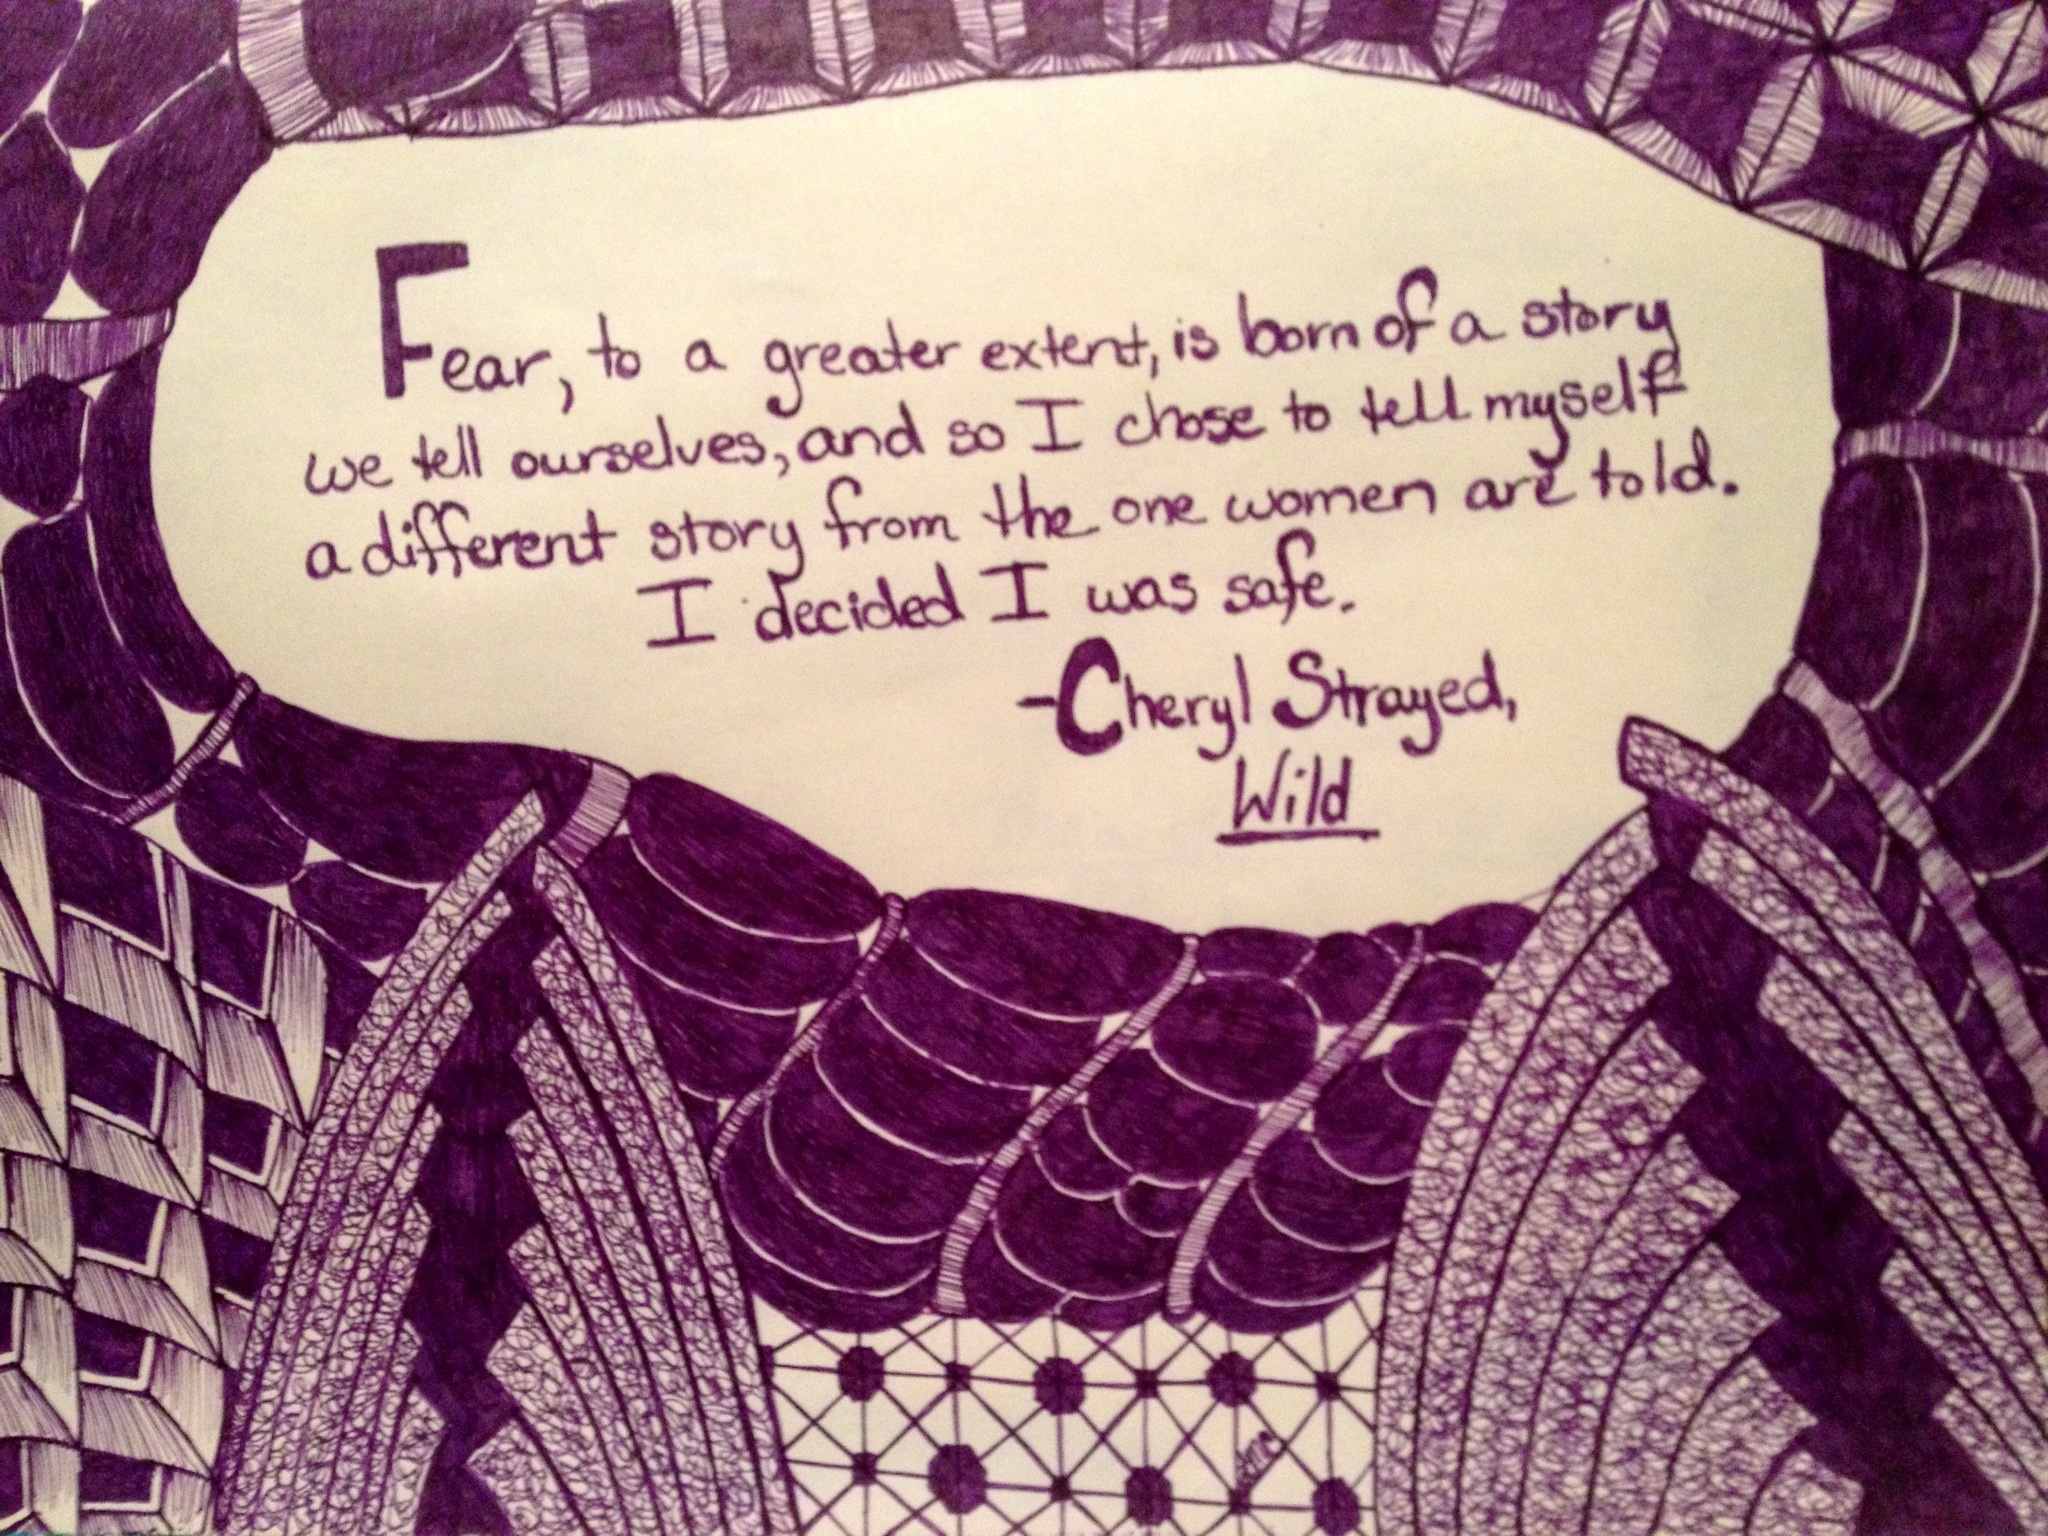 Cheryl Strayed's quote #6